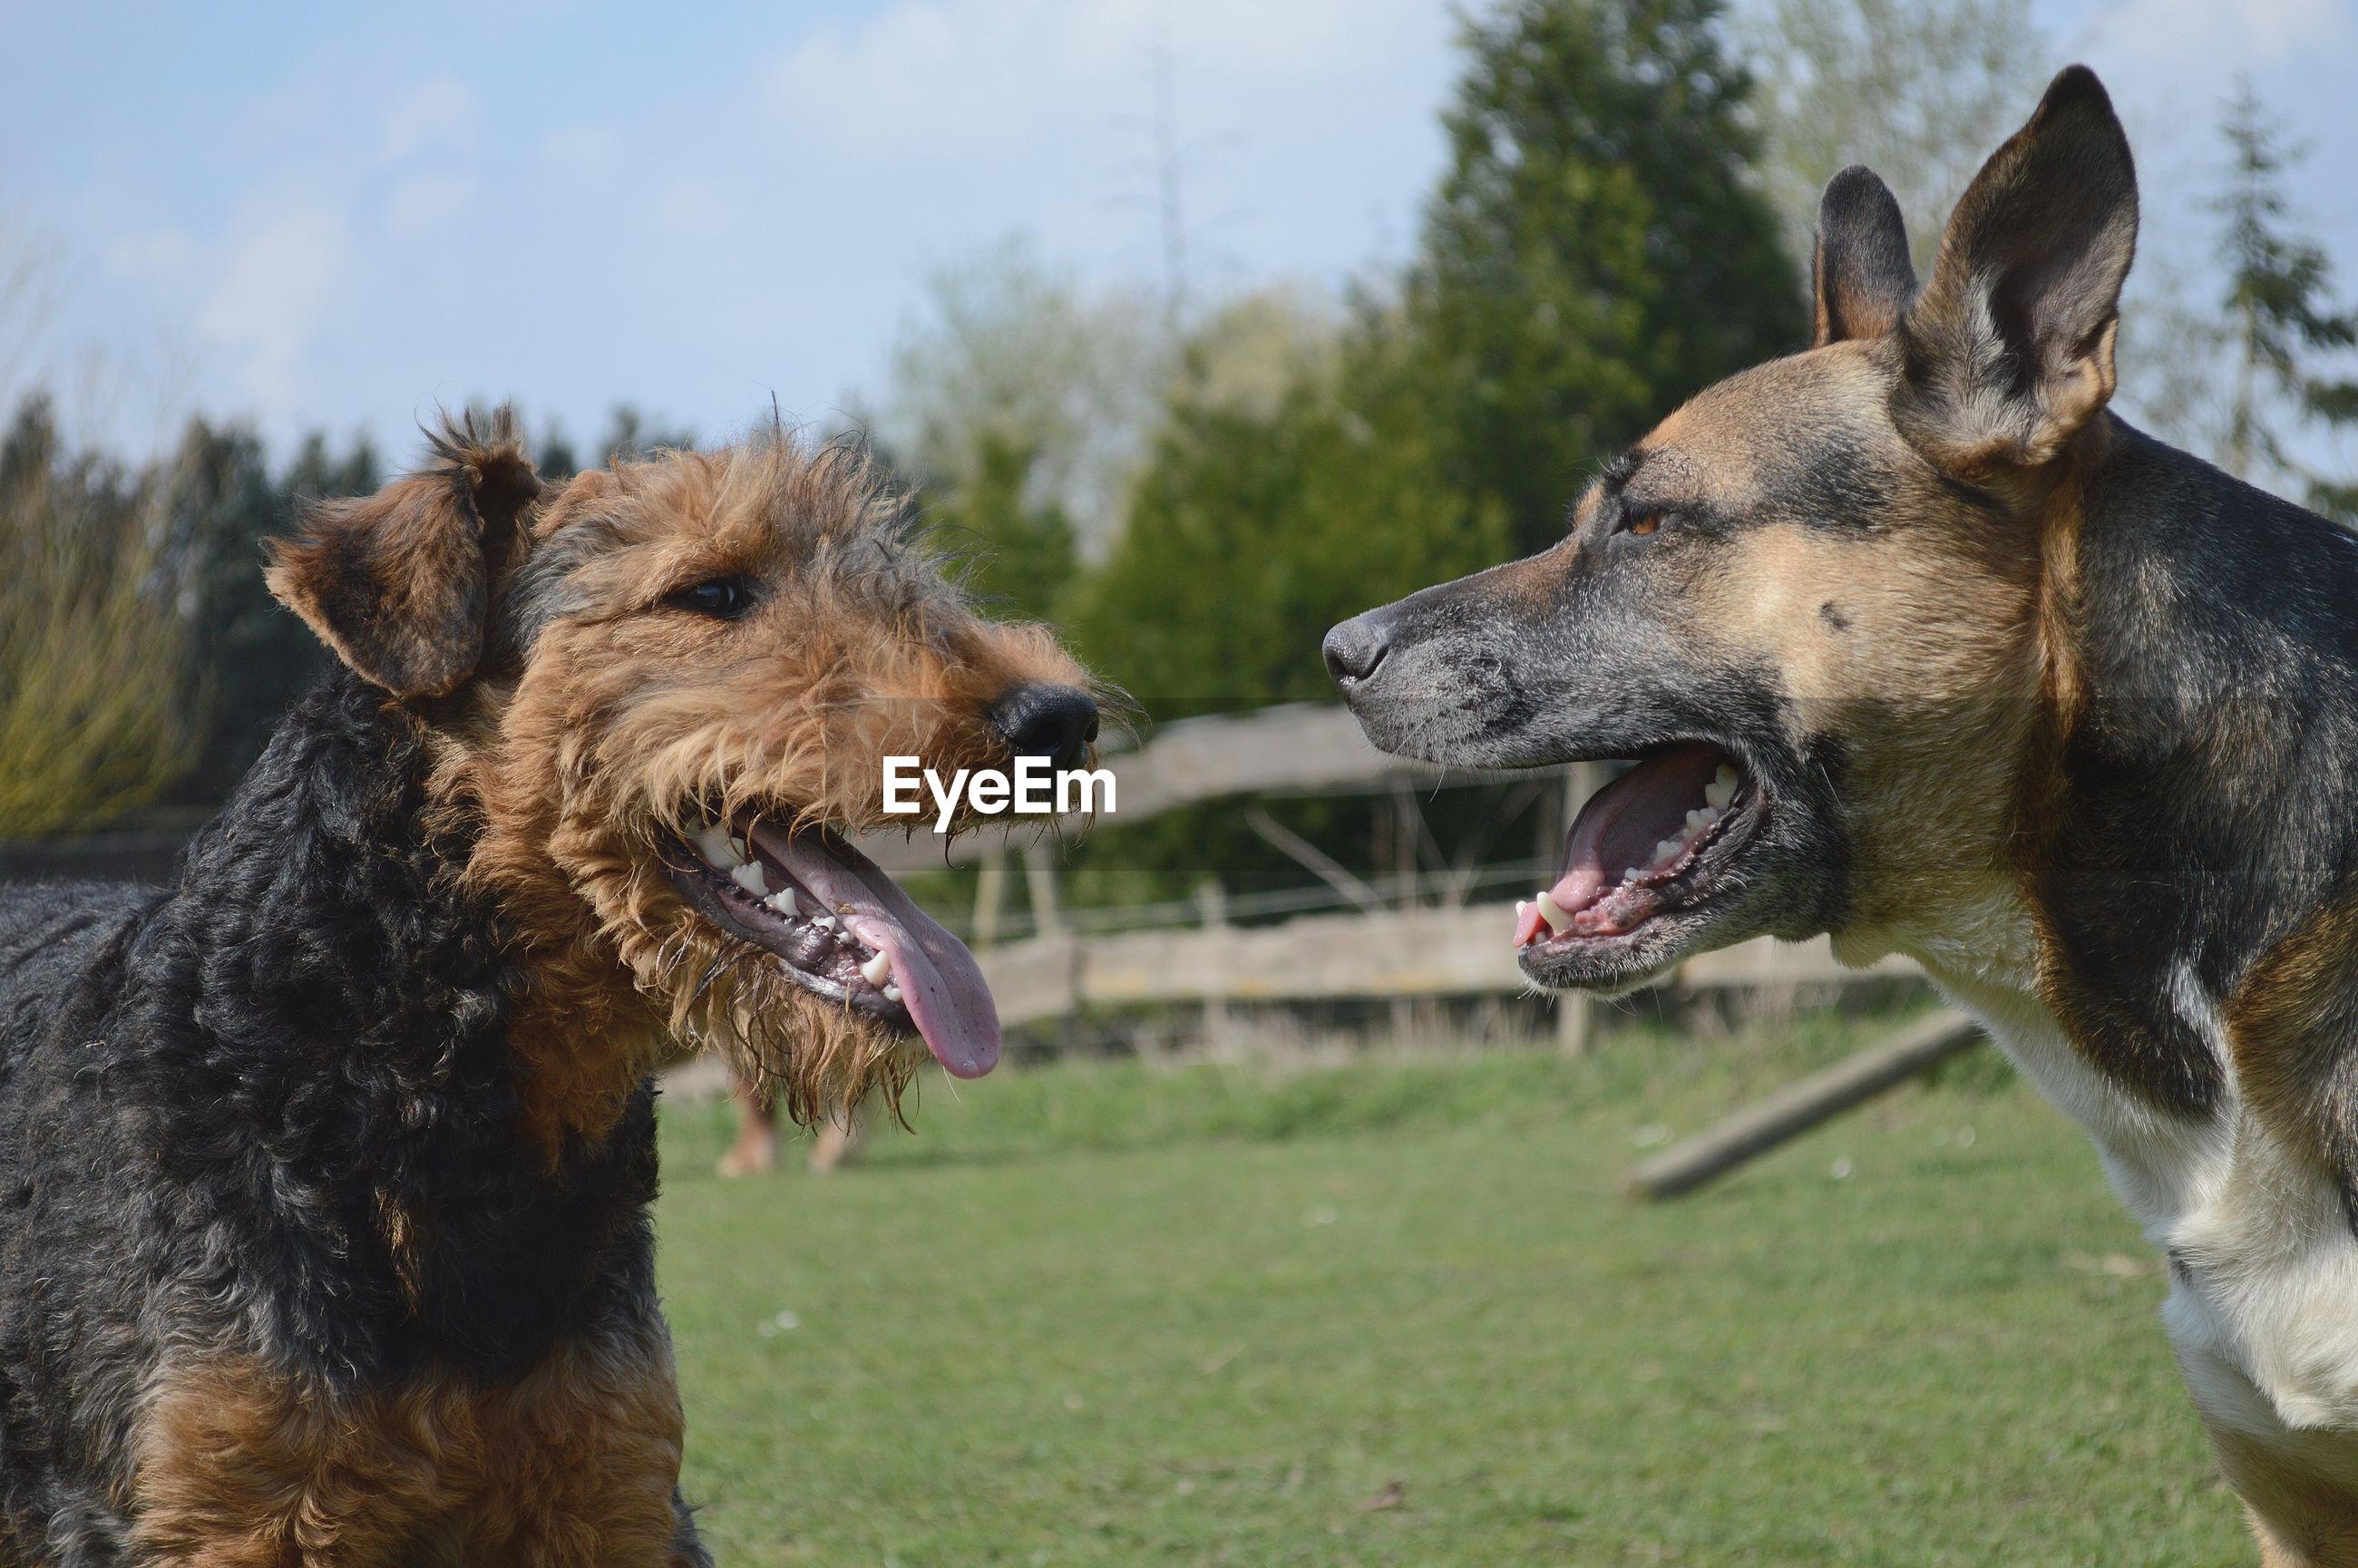 Dogs barking on field